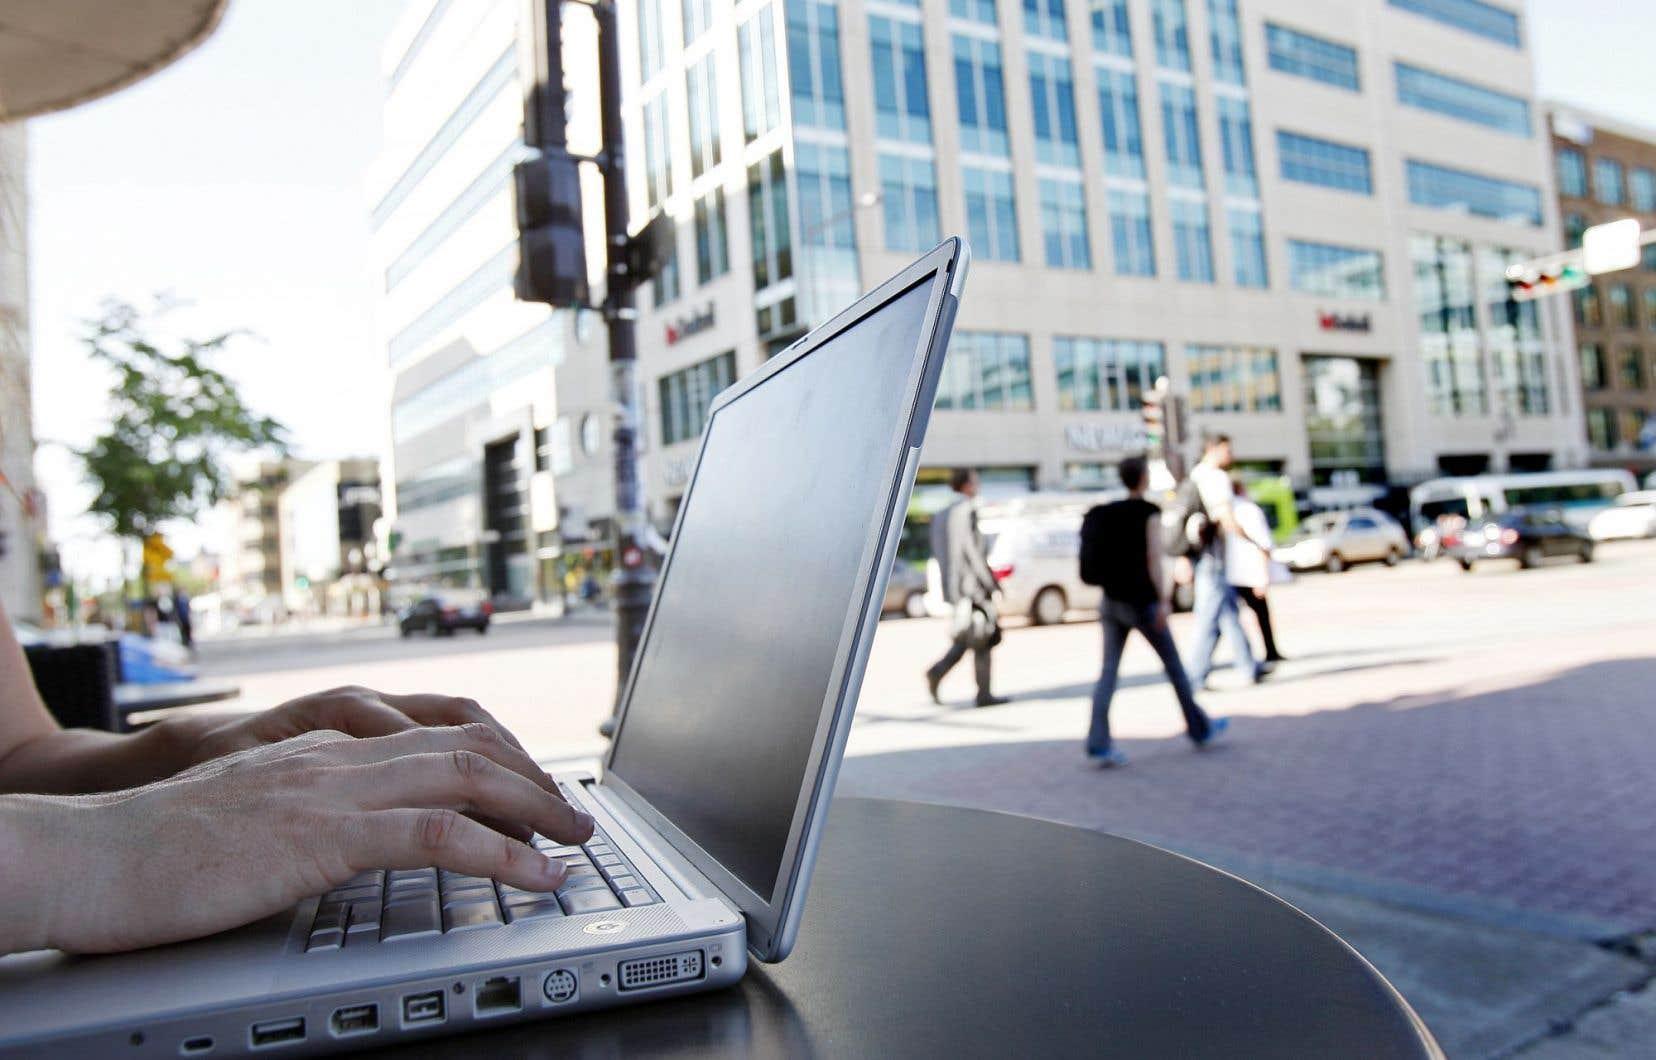 Malgré l'enthousiasme suscité par les cours en ligne ouverts et gratuits, le taux d'abandon reste important.